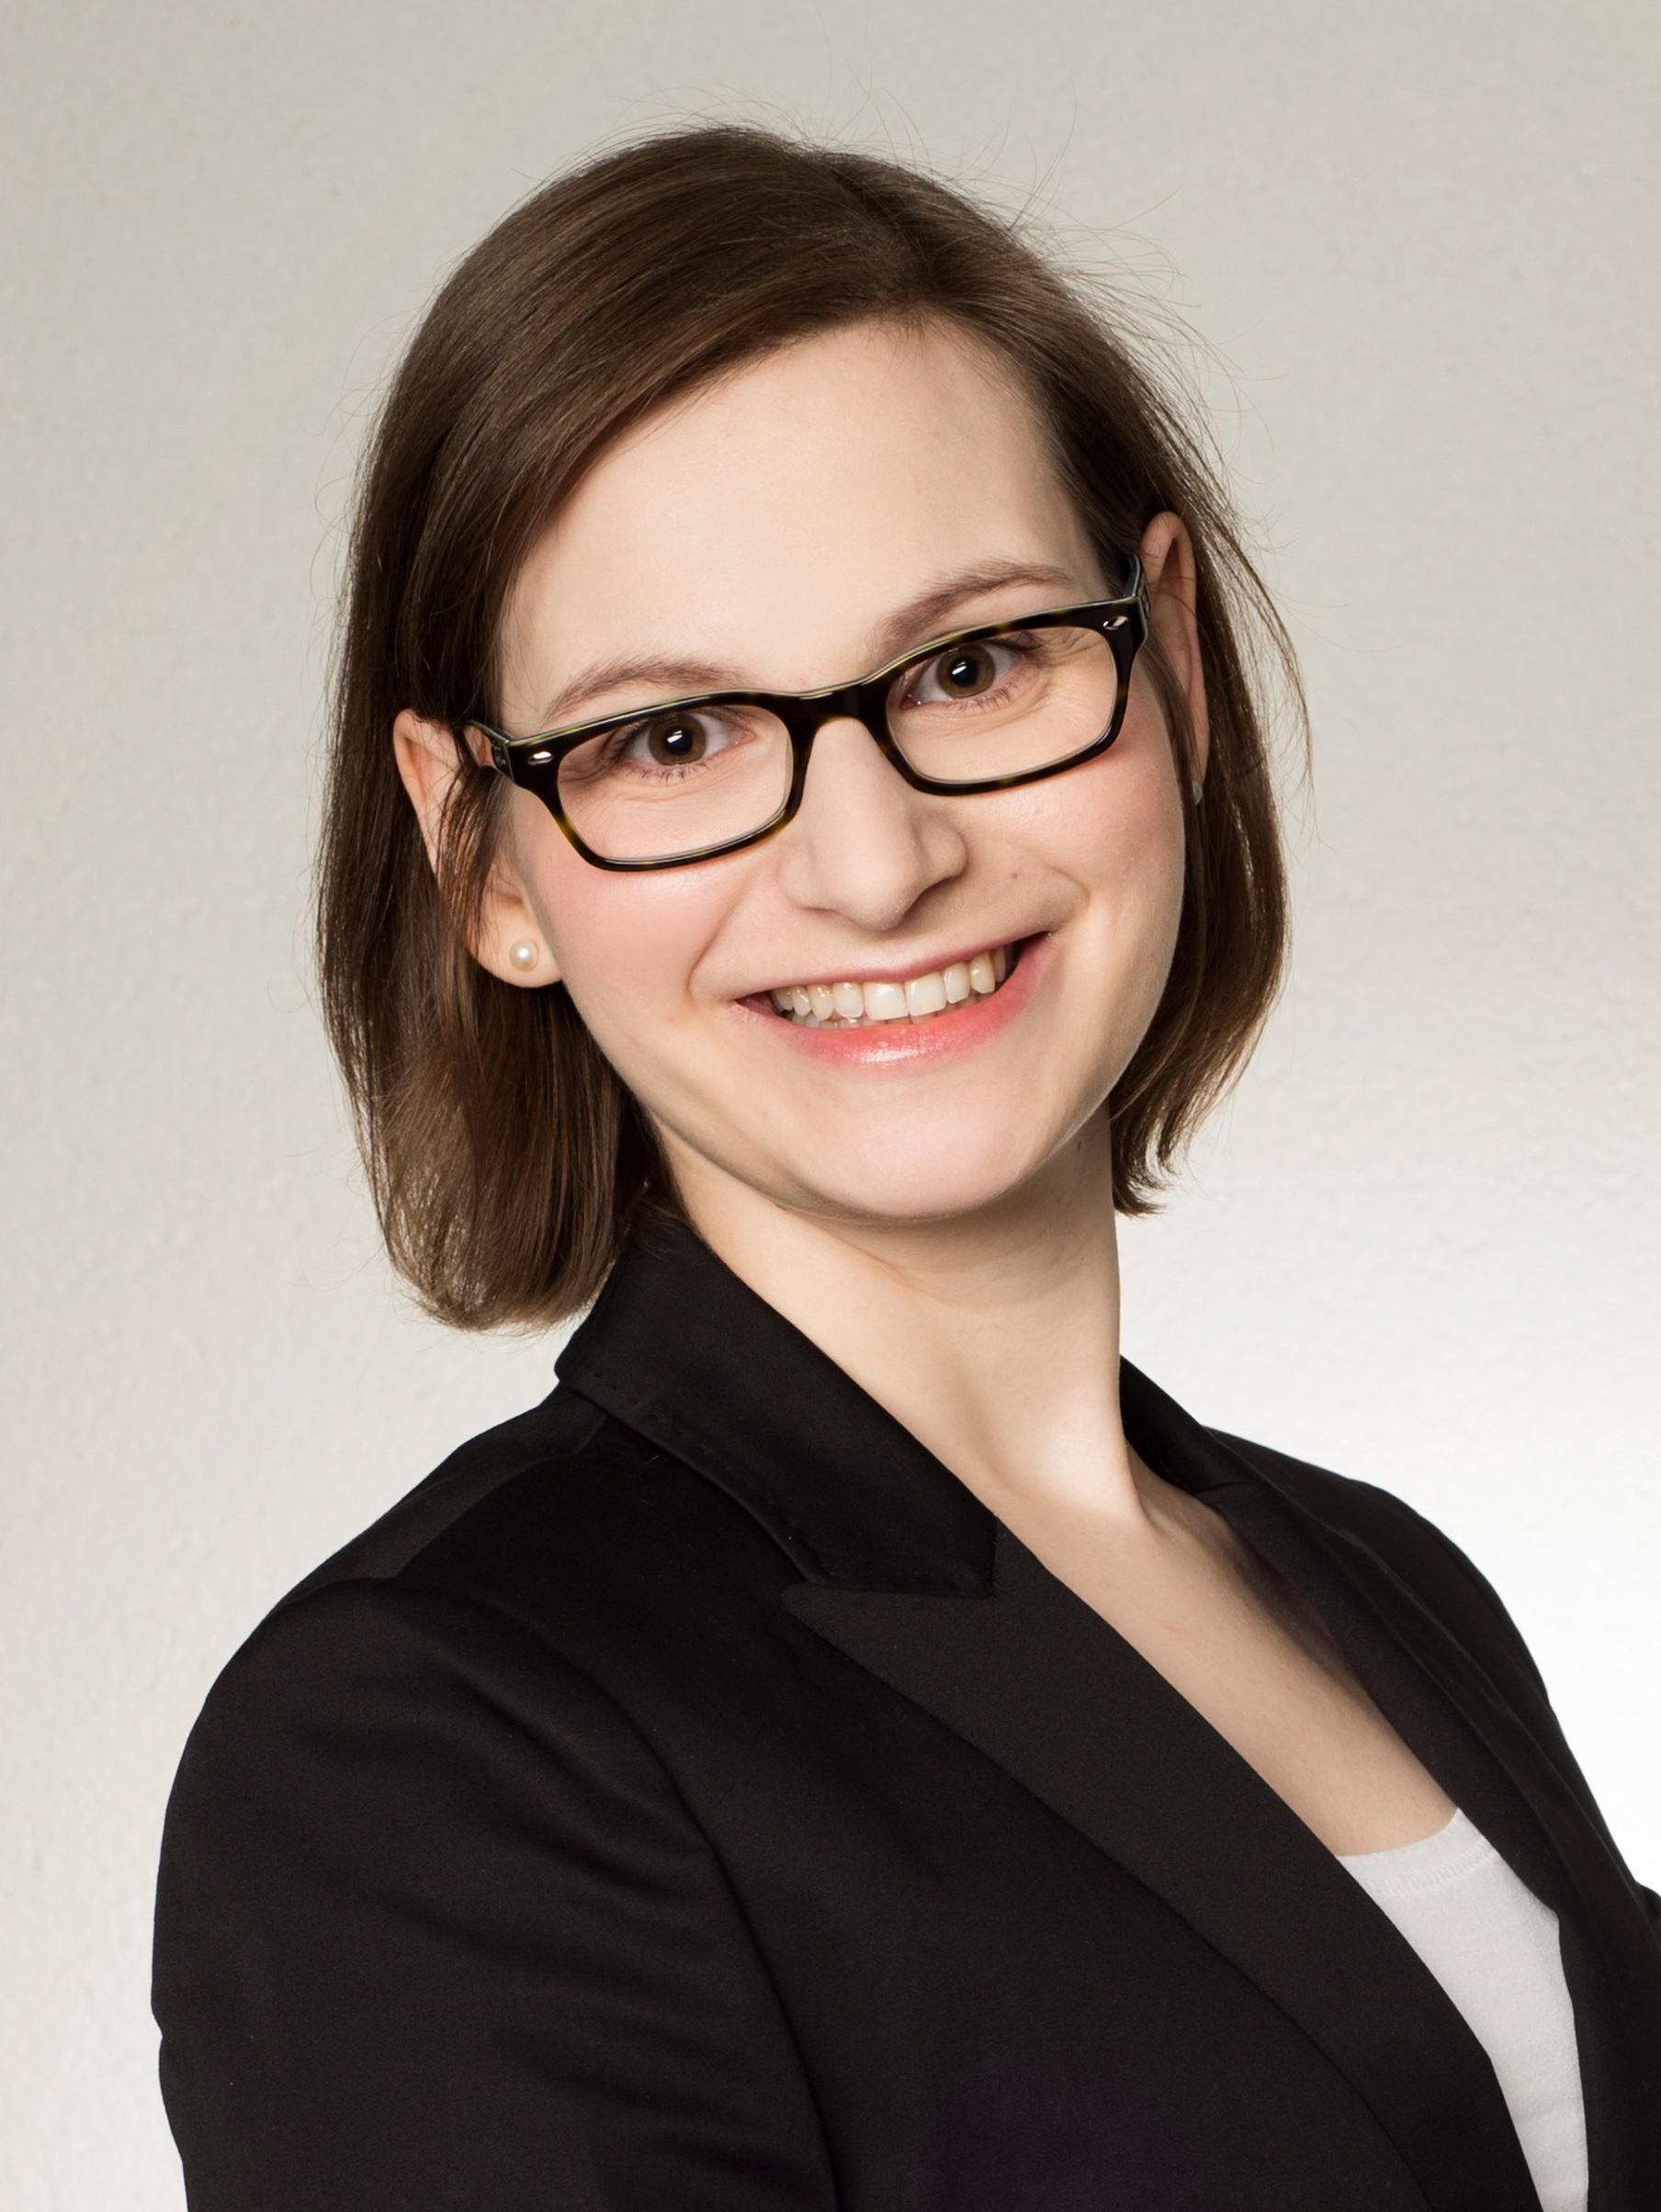 Portrait von Ann-Katrin Bremmer